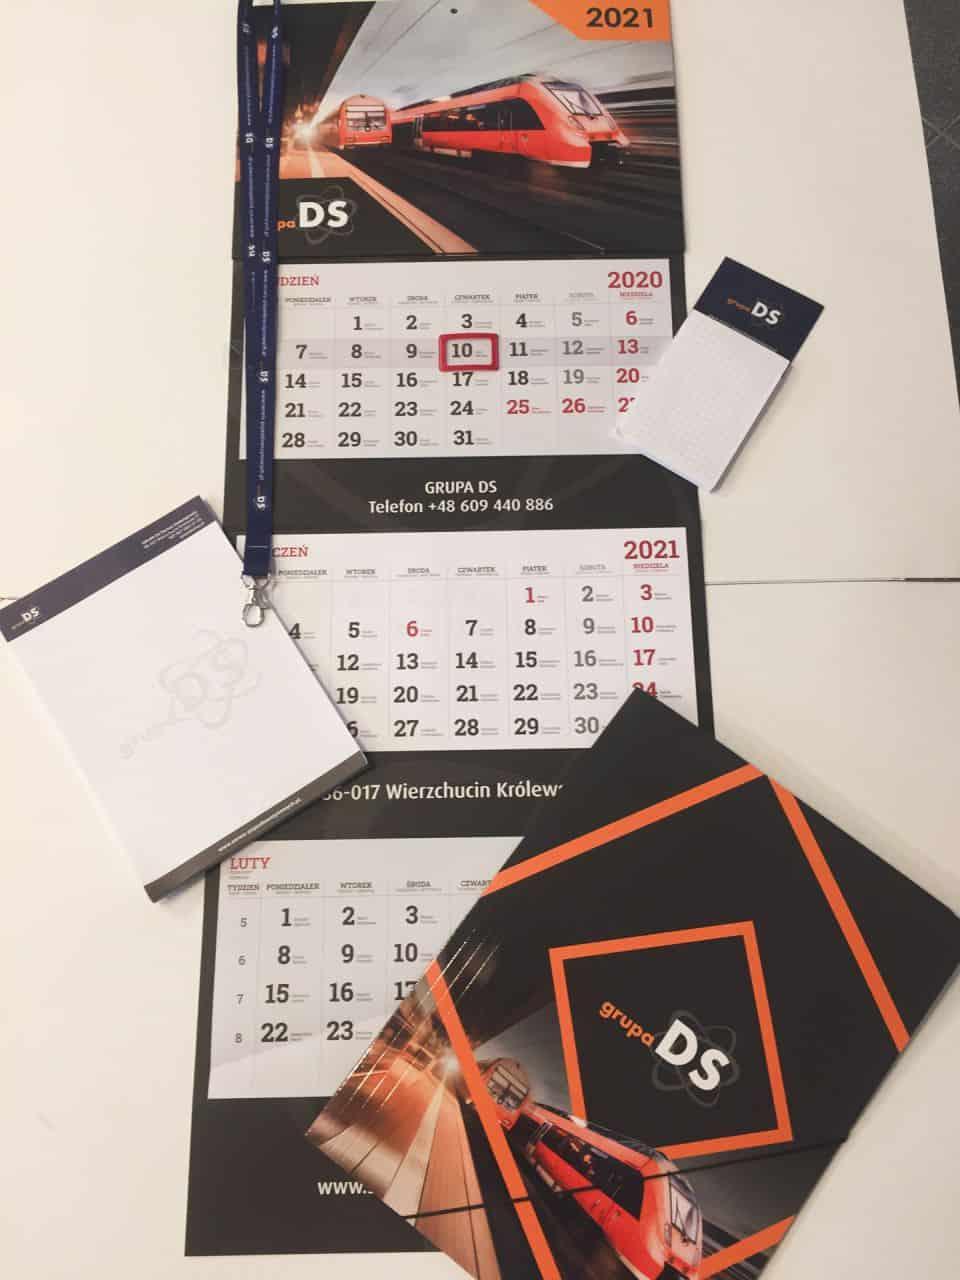 kalendarze trójdzielne z nadrukiem firmy Grupa GS